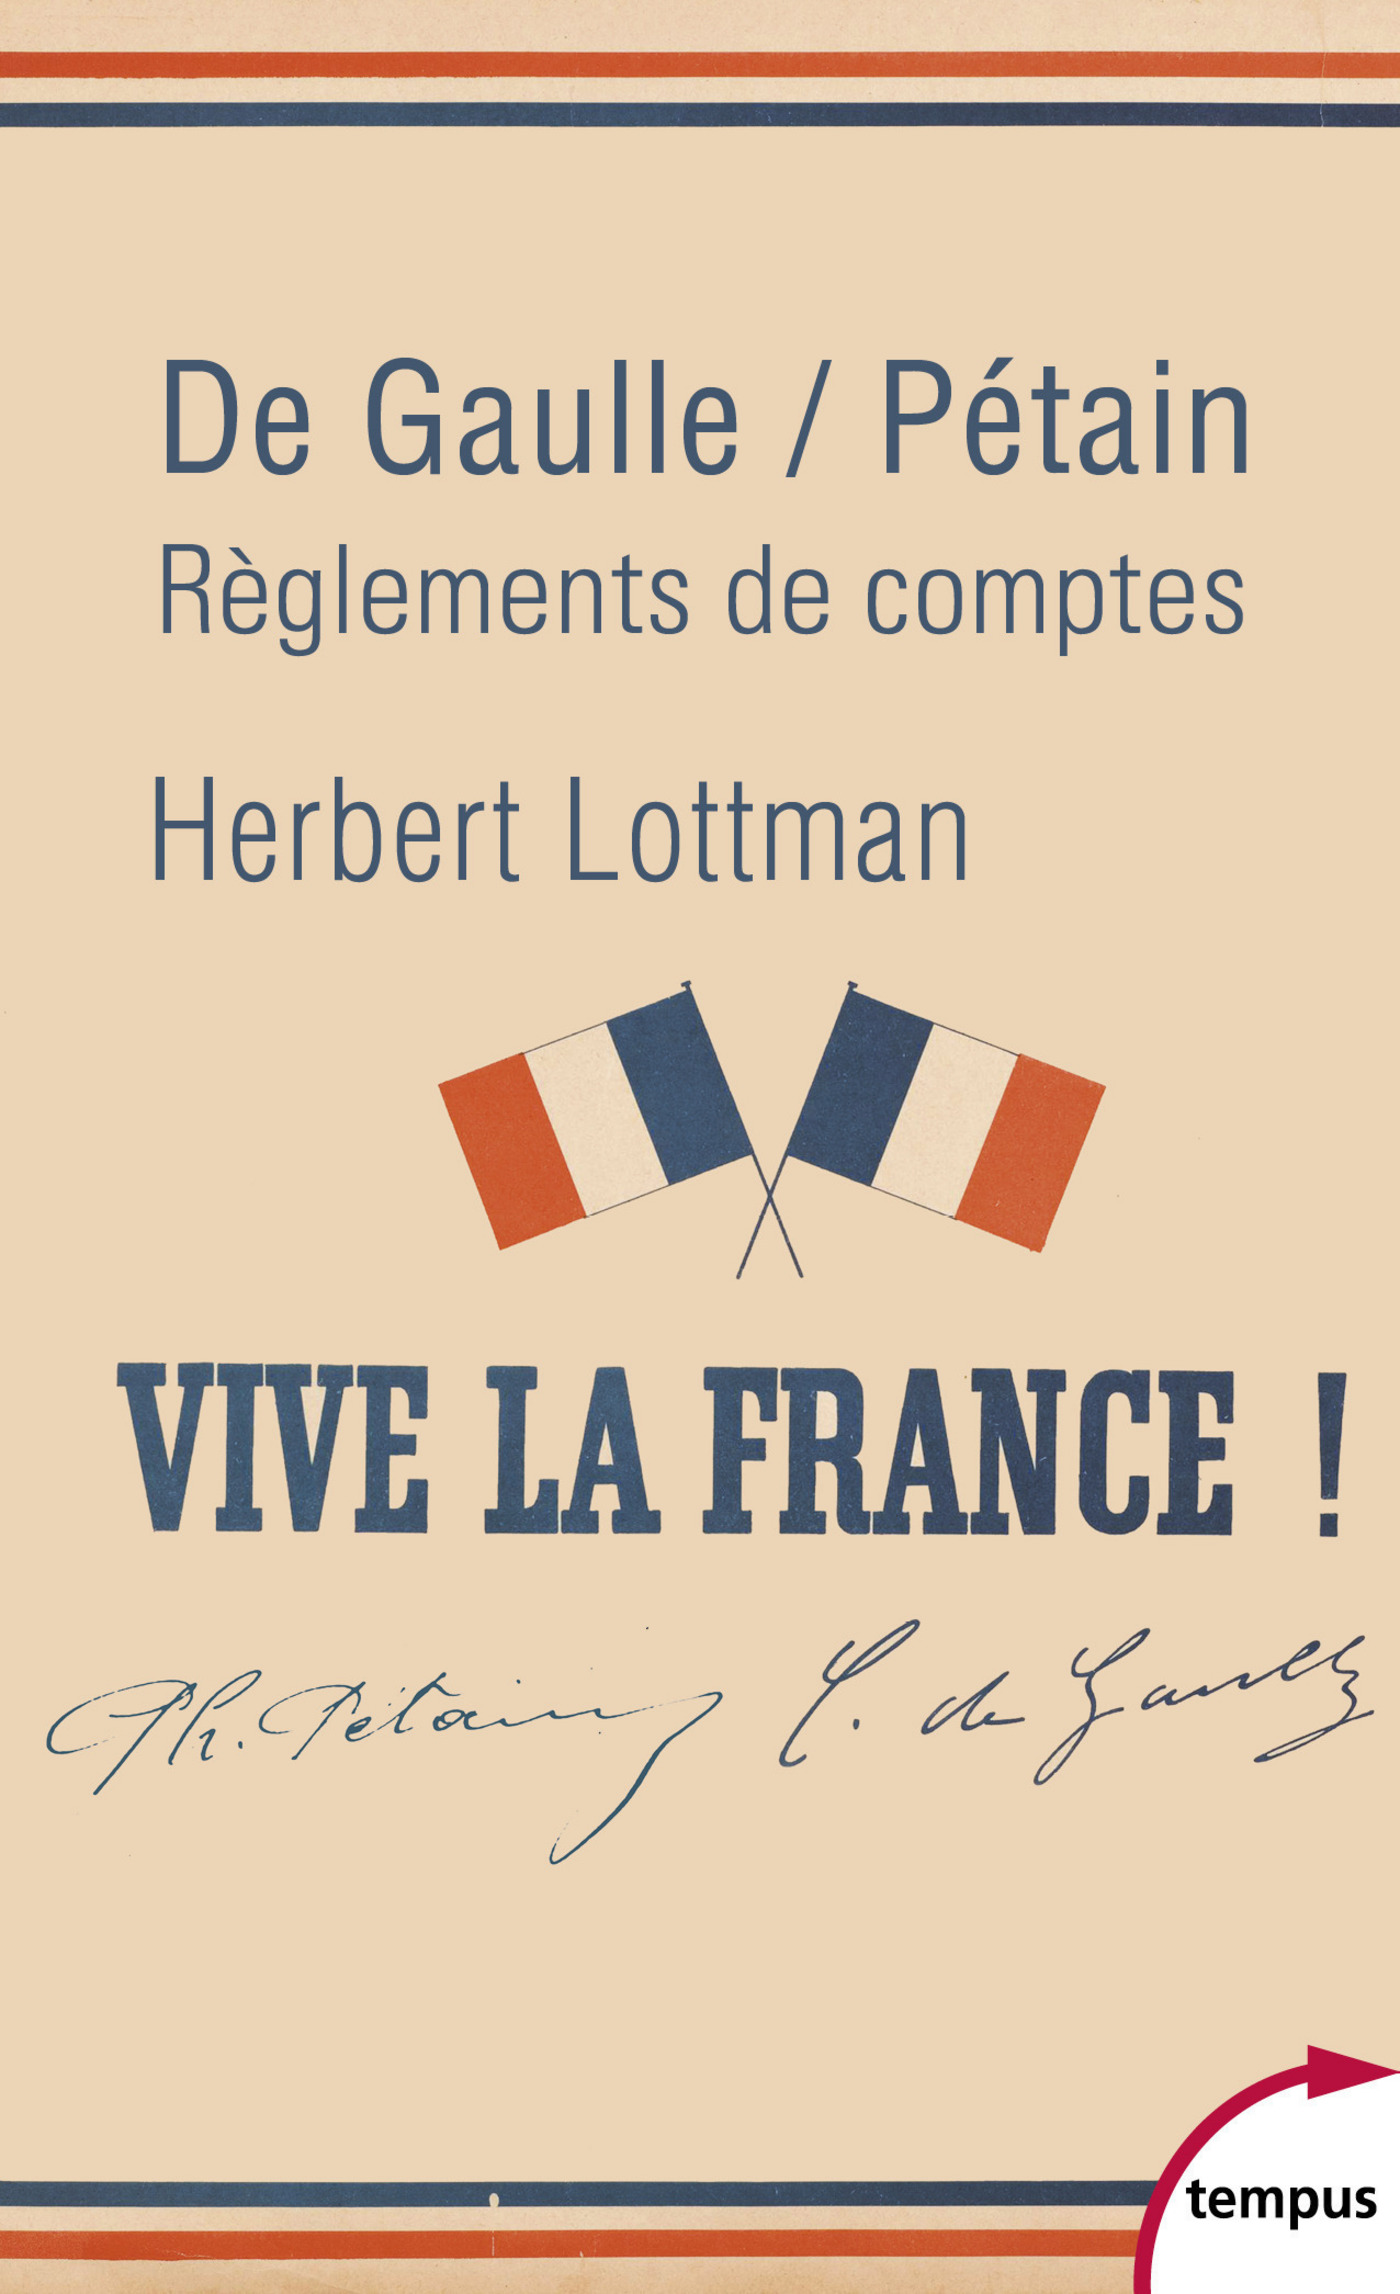 De Gaulle/Pétain, règlements de comptes